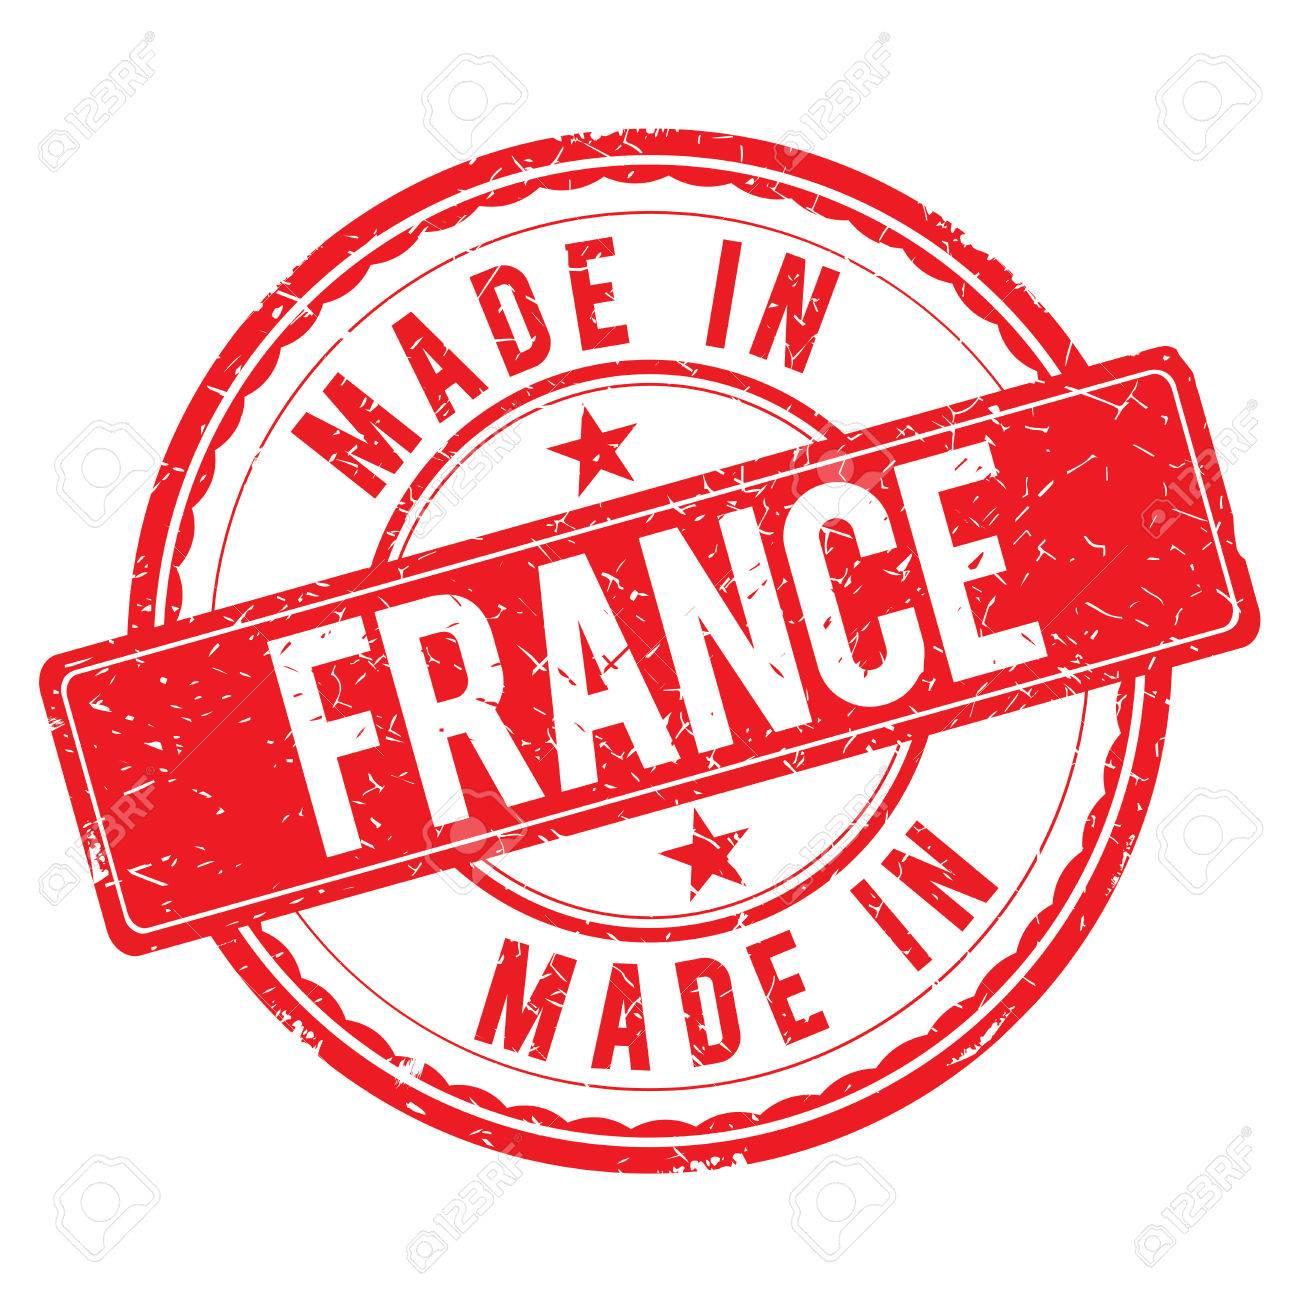 フランス スタンプは、 の写真素材・画像素材 Image 67603613.